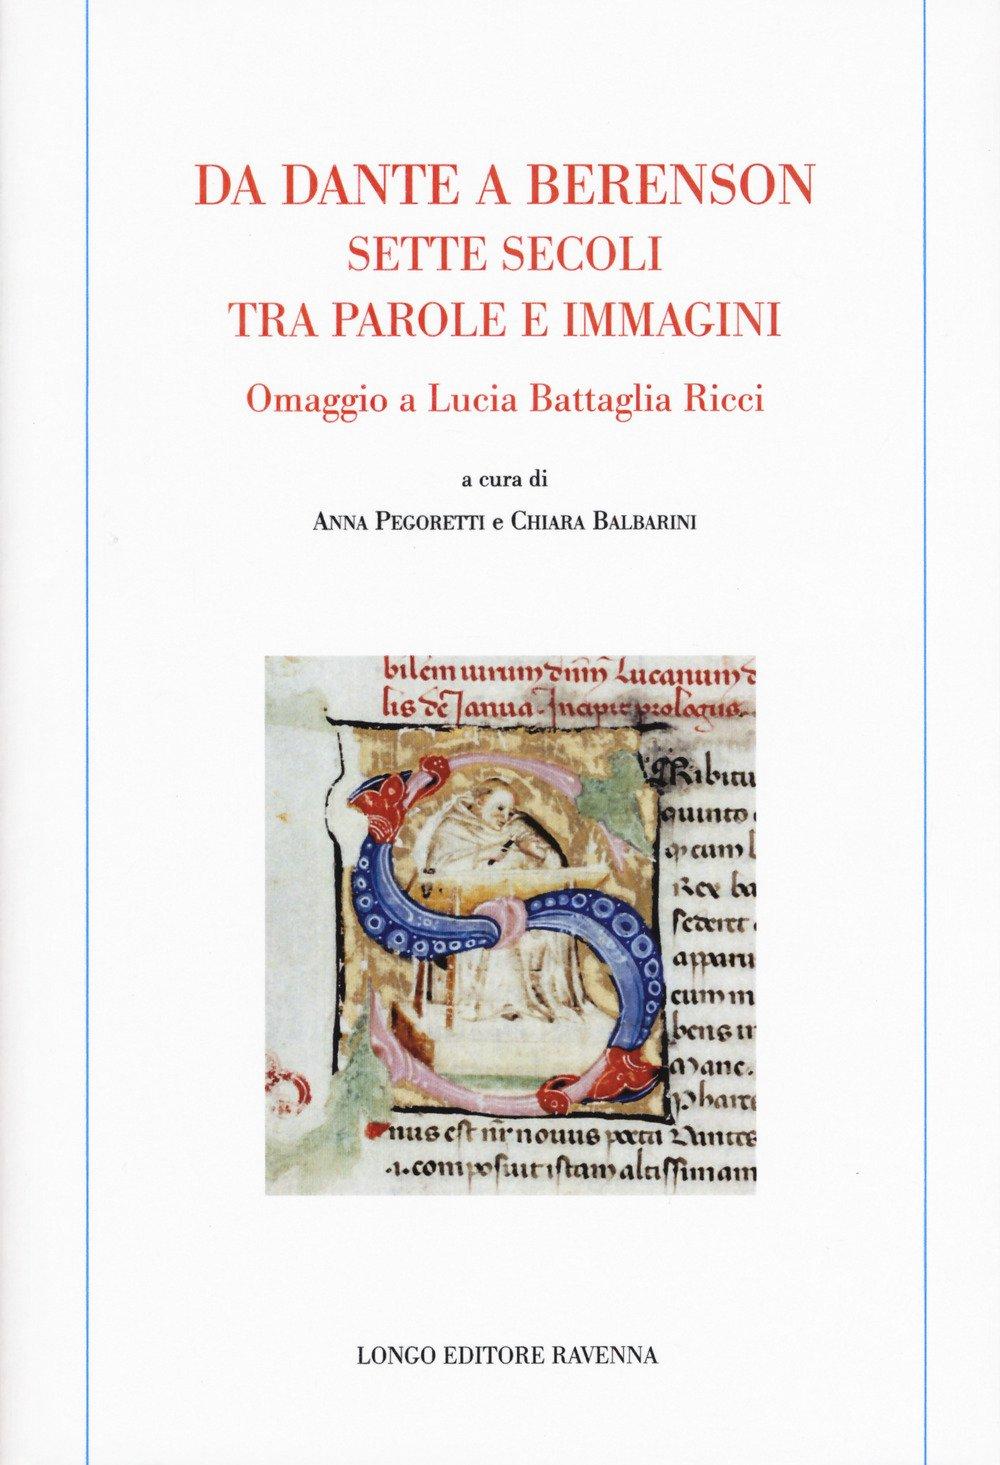 Da Dante a Berenson: sette secoli tra parole e immagini. Omaggio a Lucia Battaglia Ricci